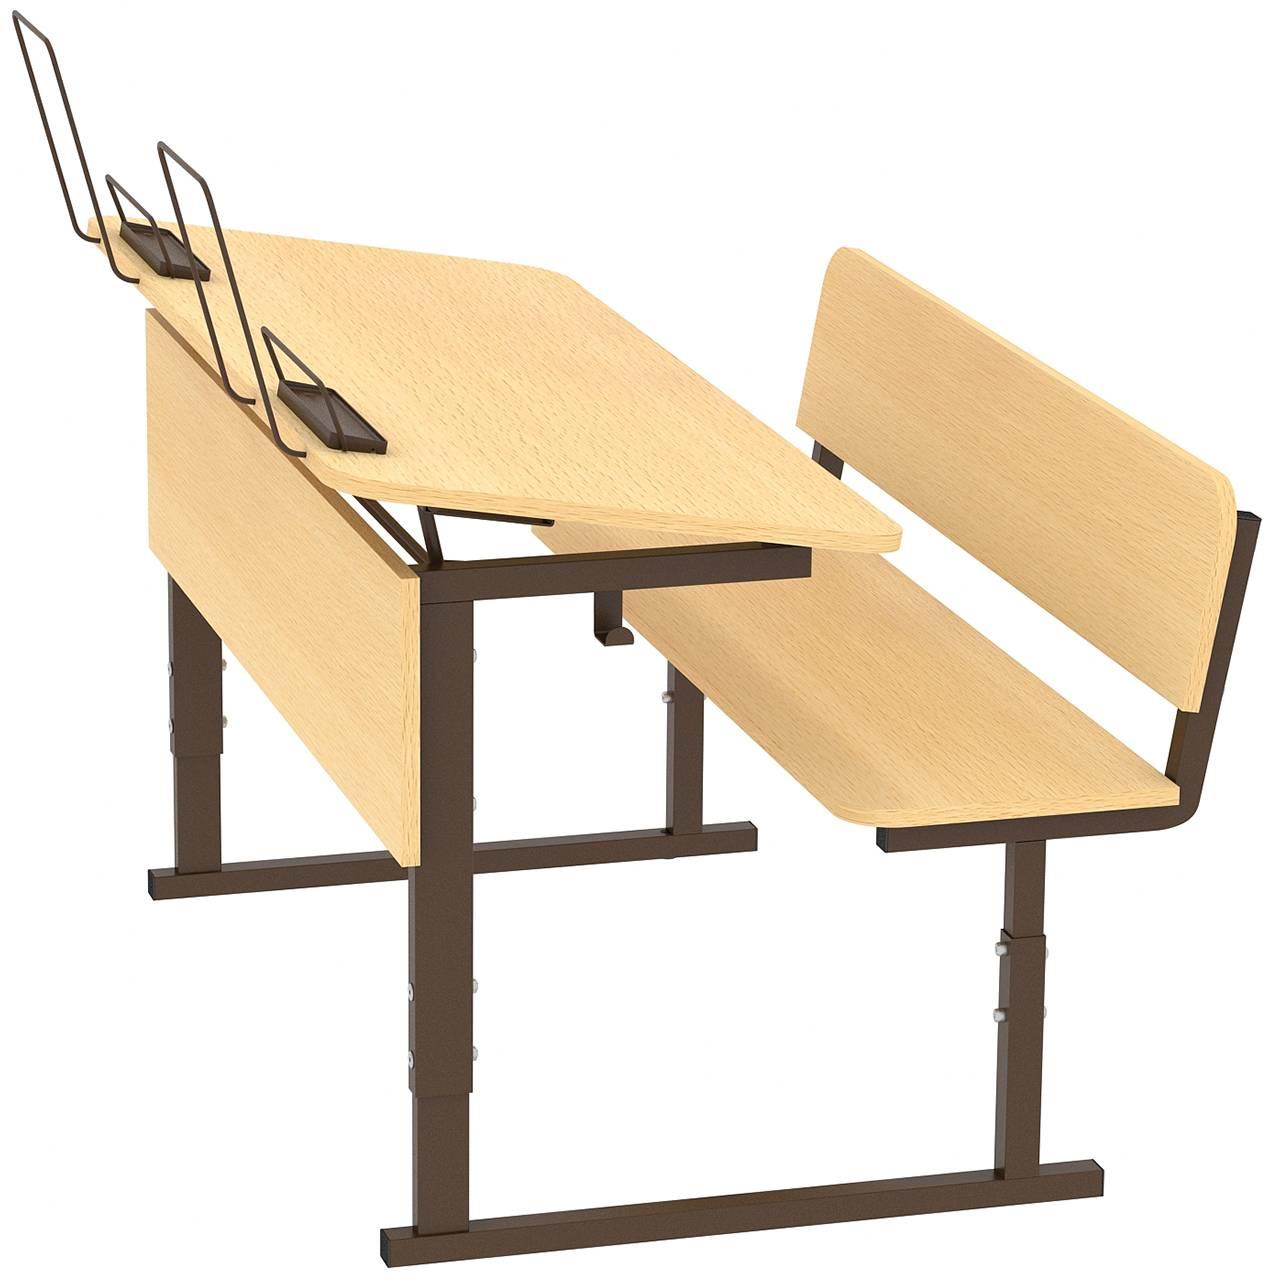 Парта ученическая 2-местная регулируемая по высоте и наклону столешницы 0-10° 2-4, 3-5 или 4-6 гр. коричневый Клен 3-5 Меламин